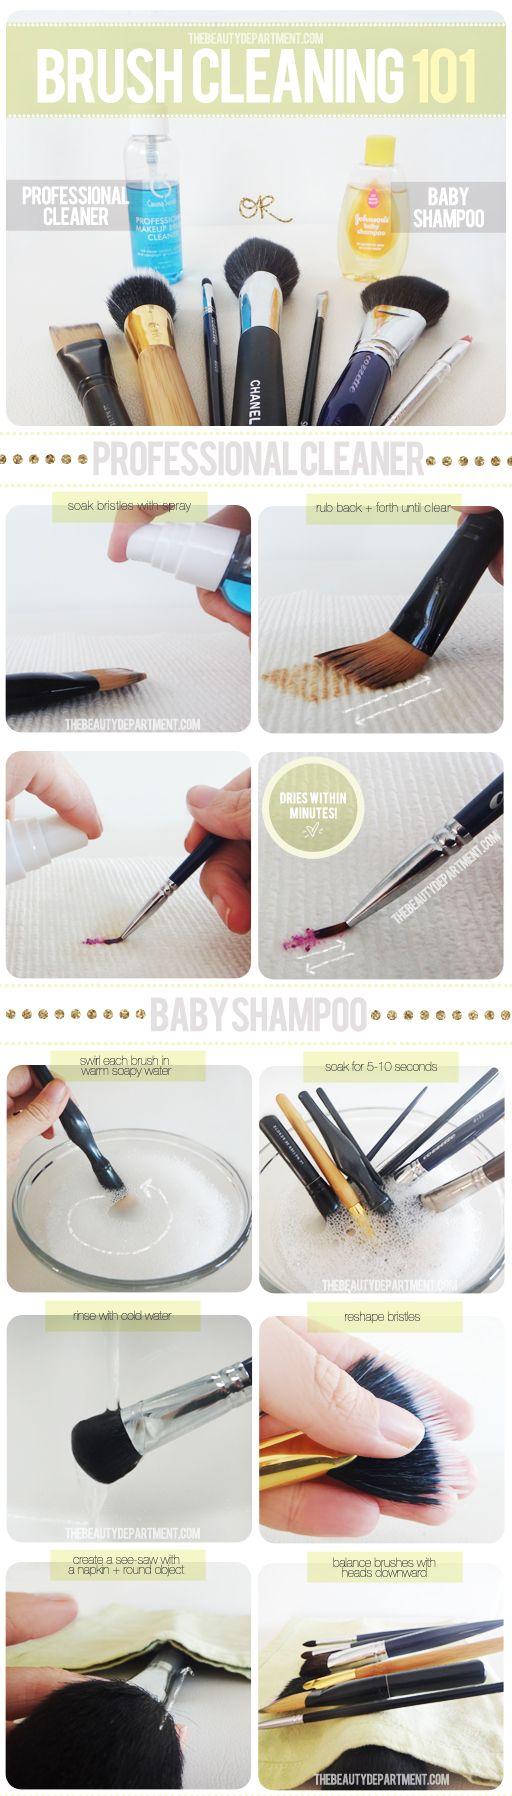 Come pulire i pennelli